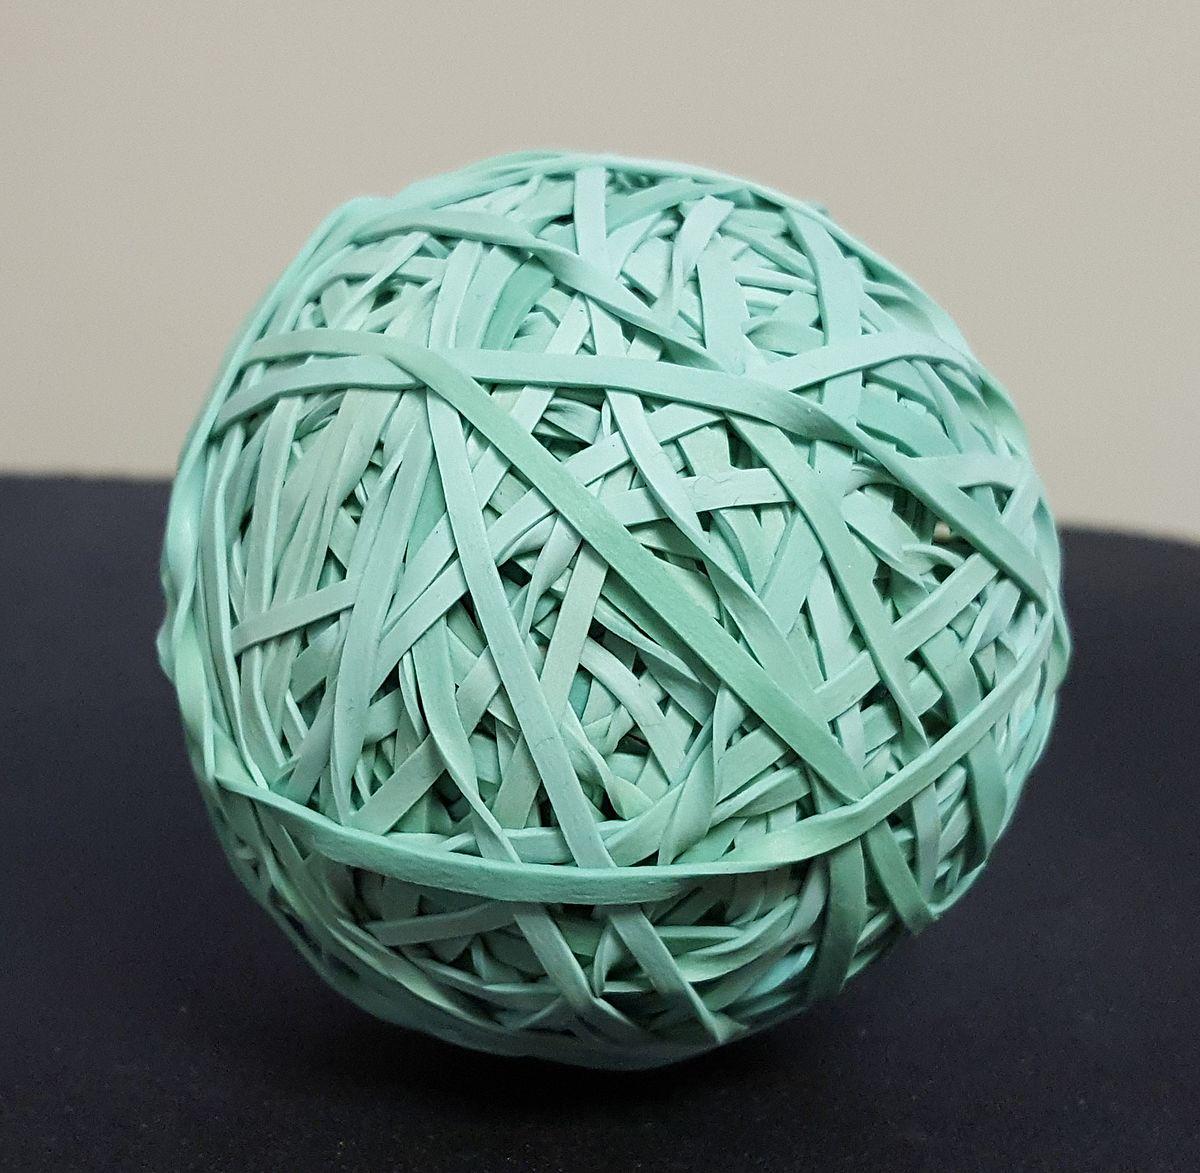 Rubber band ball - Wikipedia